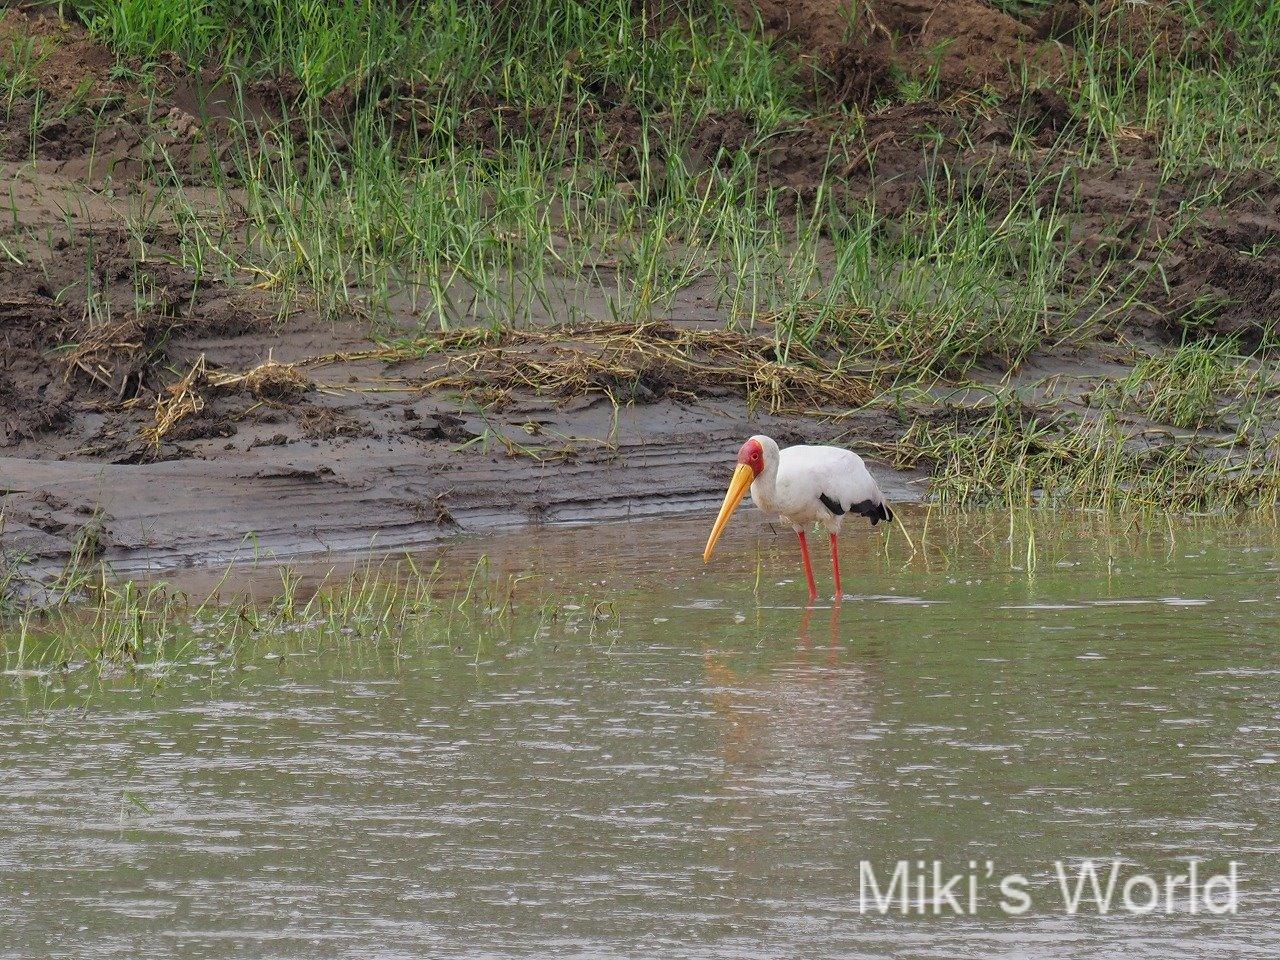 鳥の識別をしたいと真剣に思った日 ベトナムのコウノトリはコサギだった